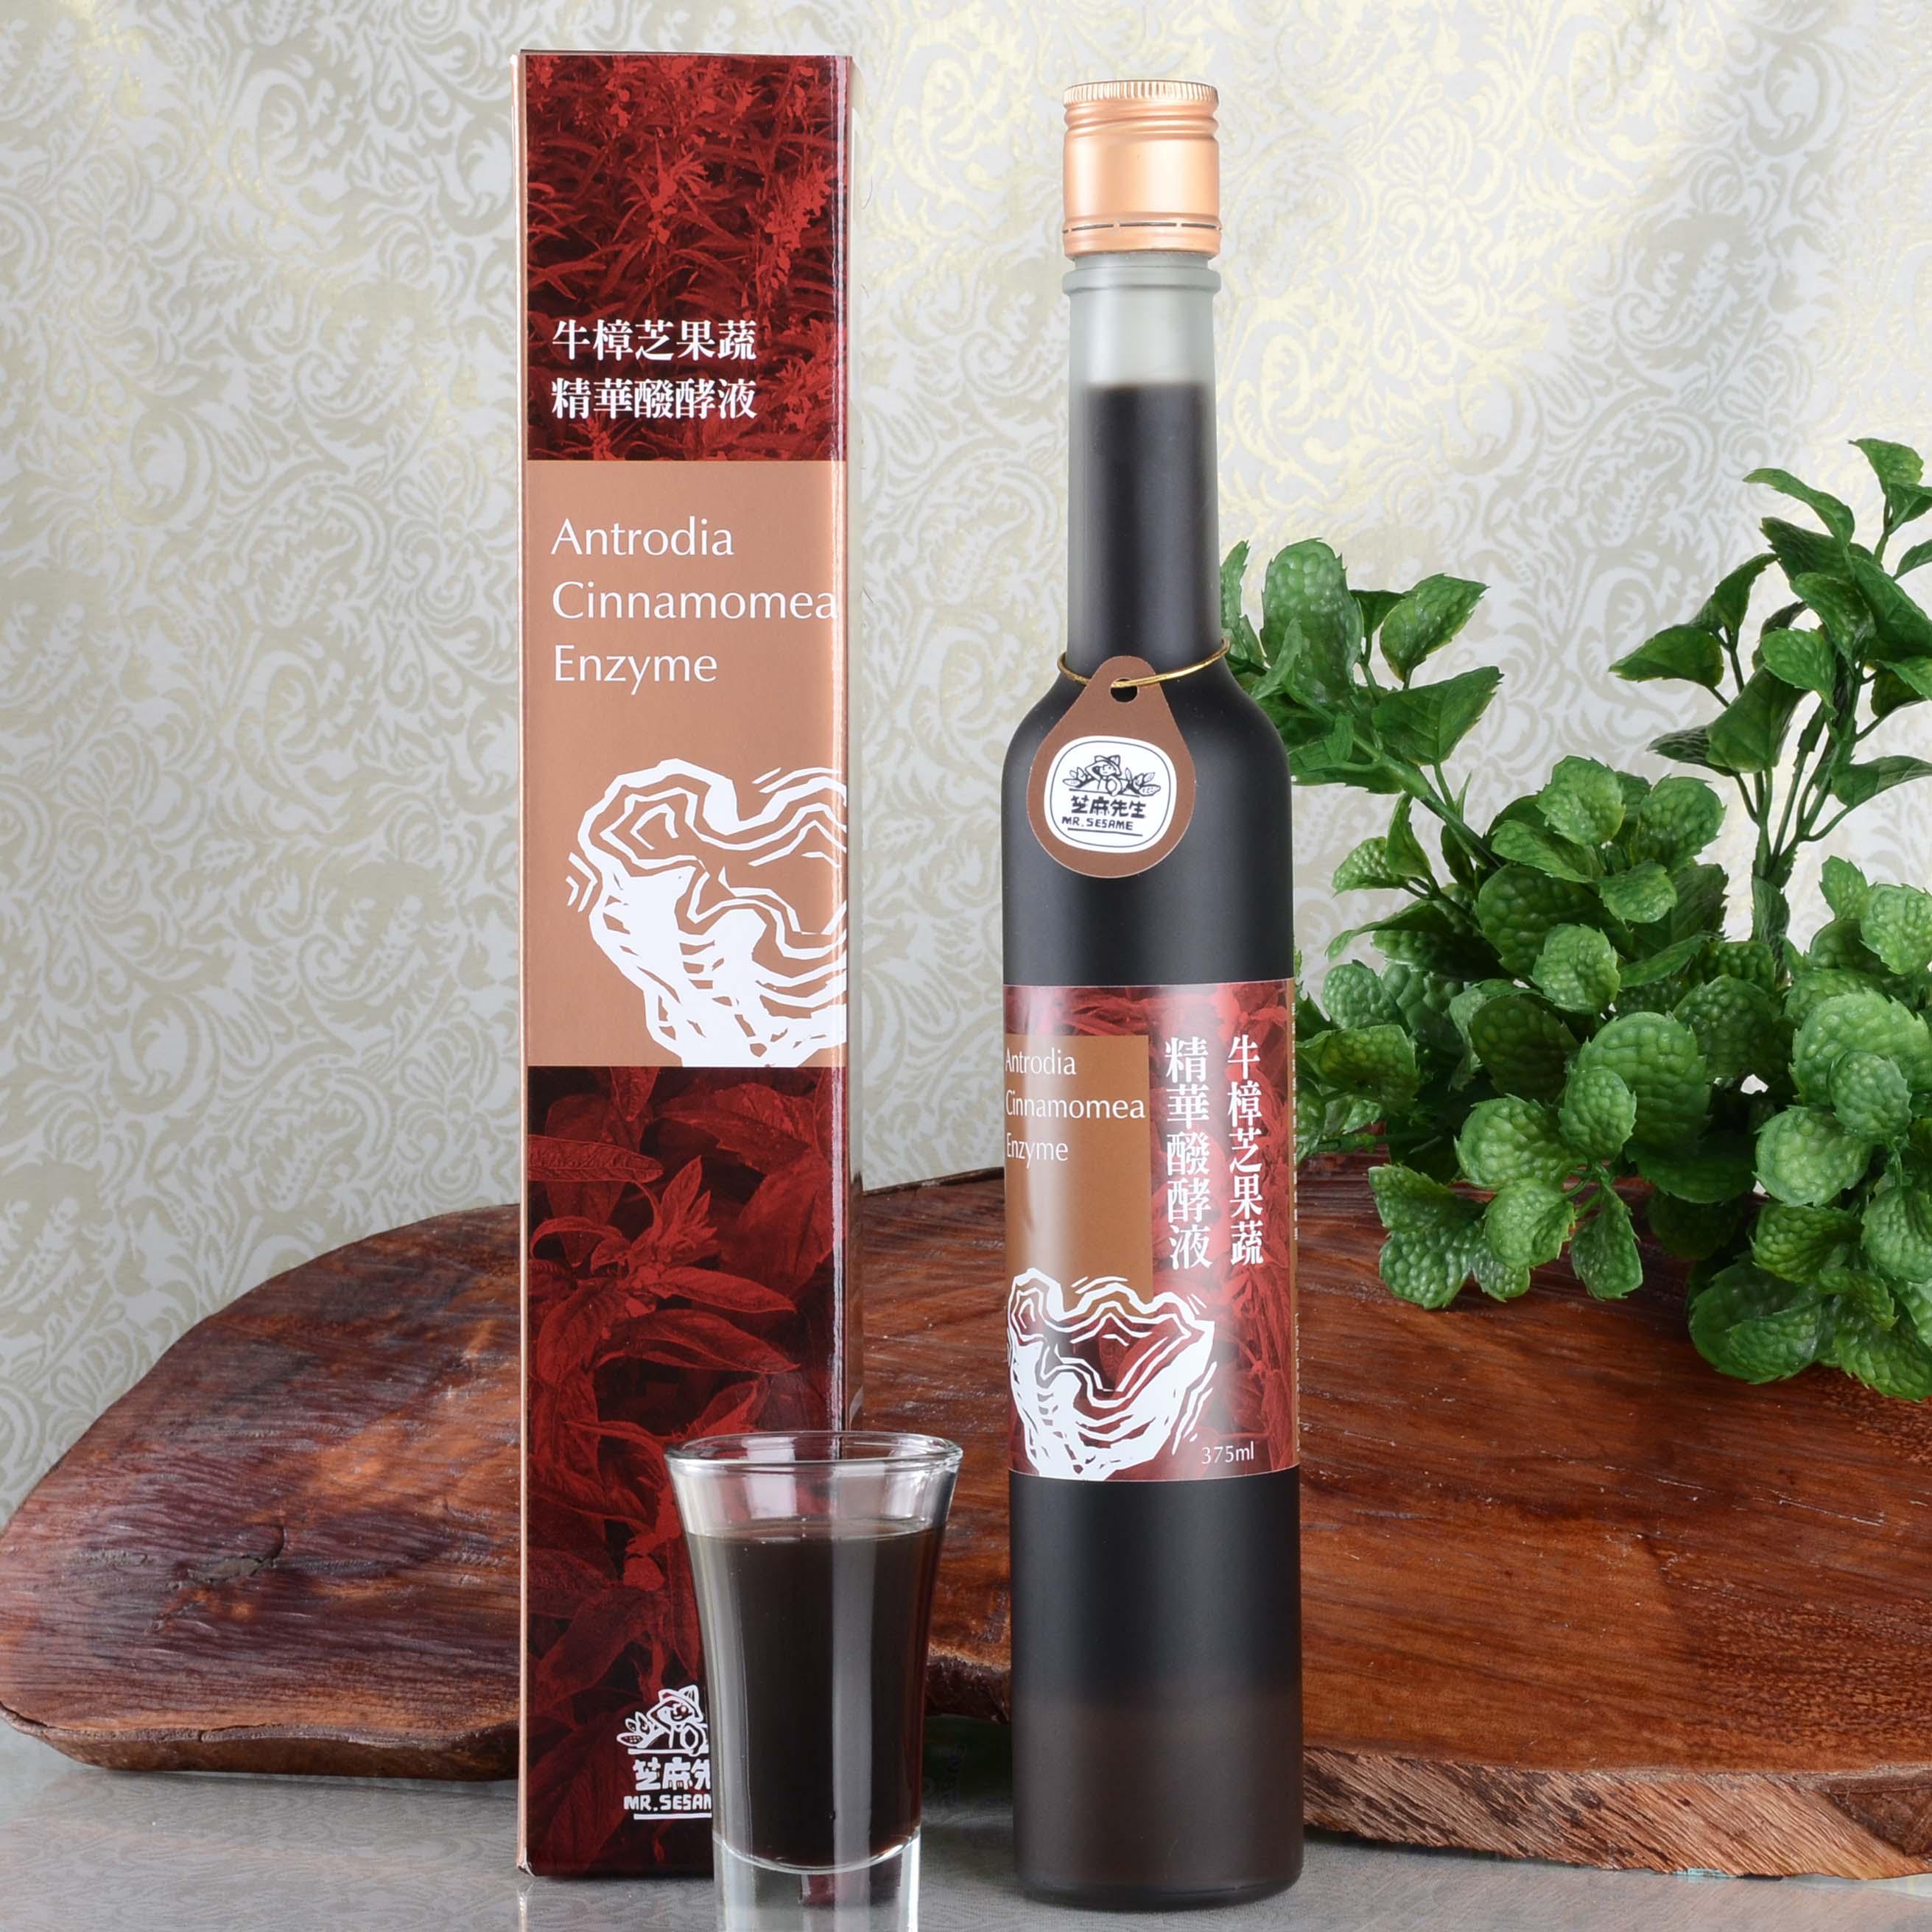 牛樟芝果蔬精華醱酵液(375ml)